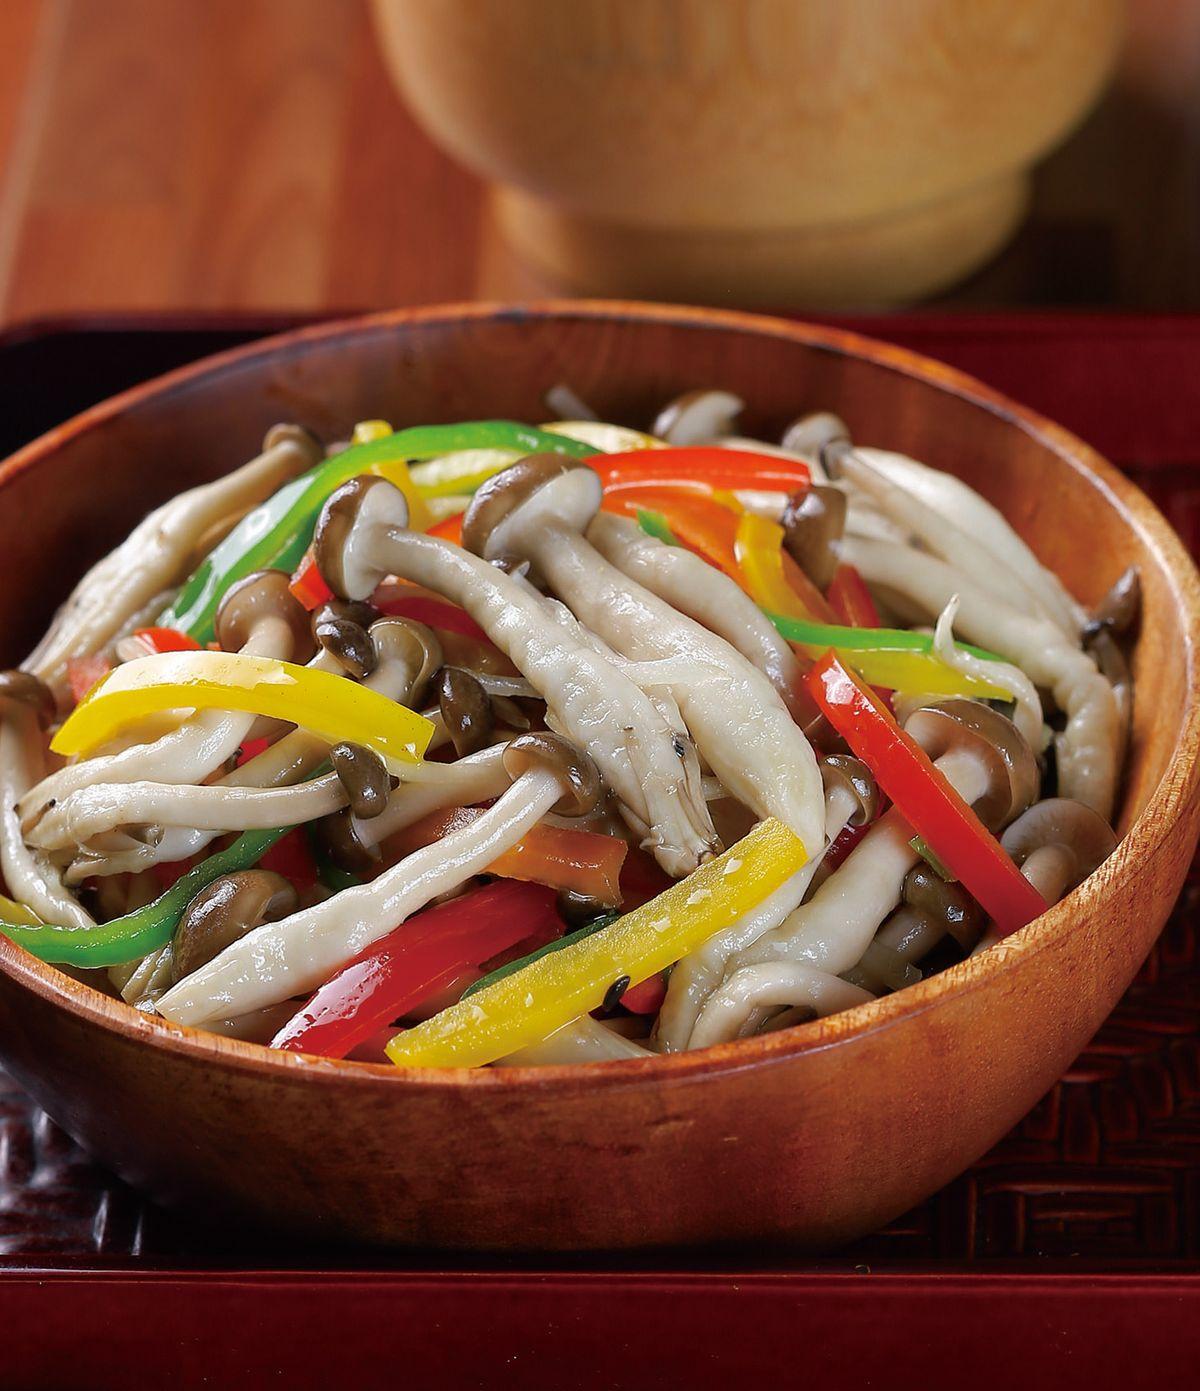 食譜:養生彩椒鮮菇